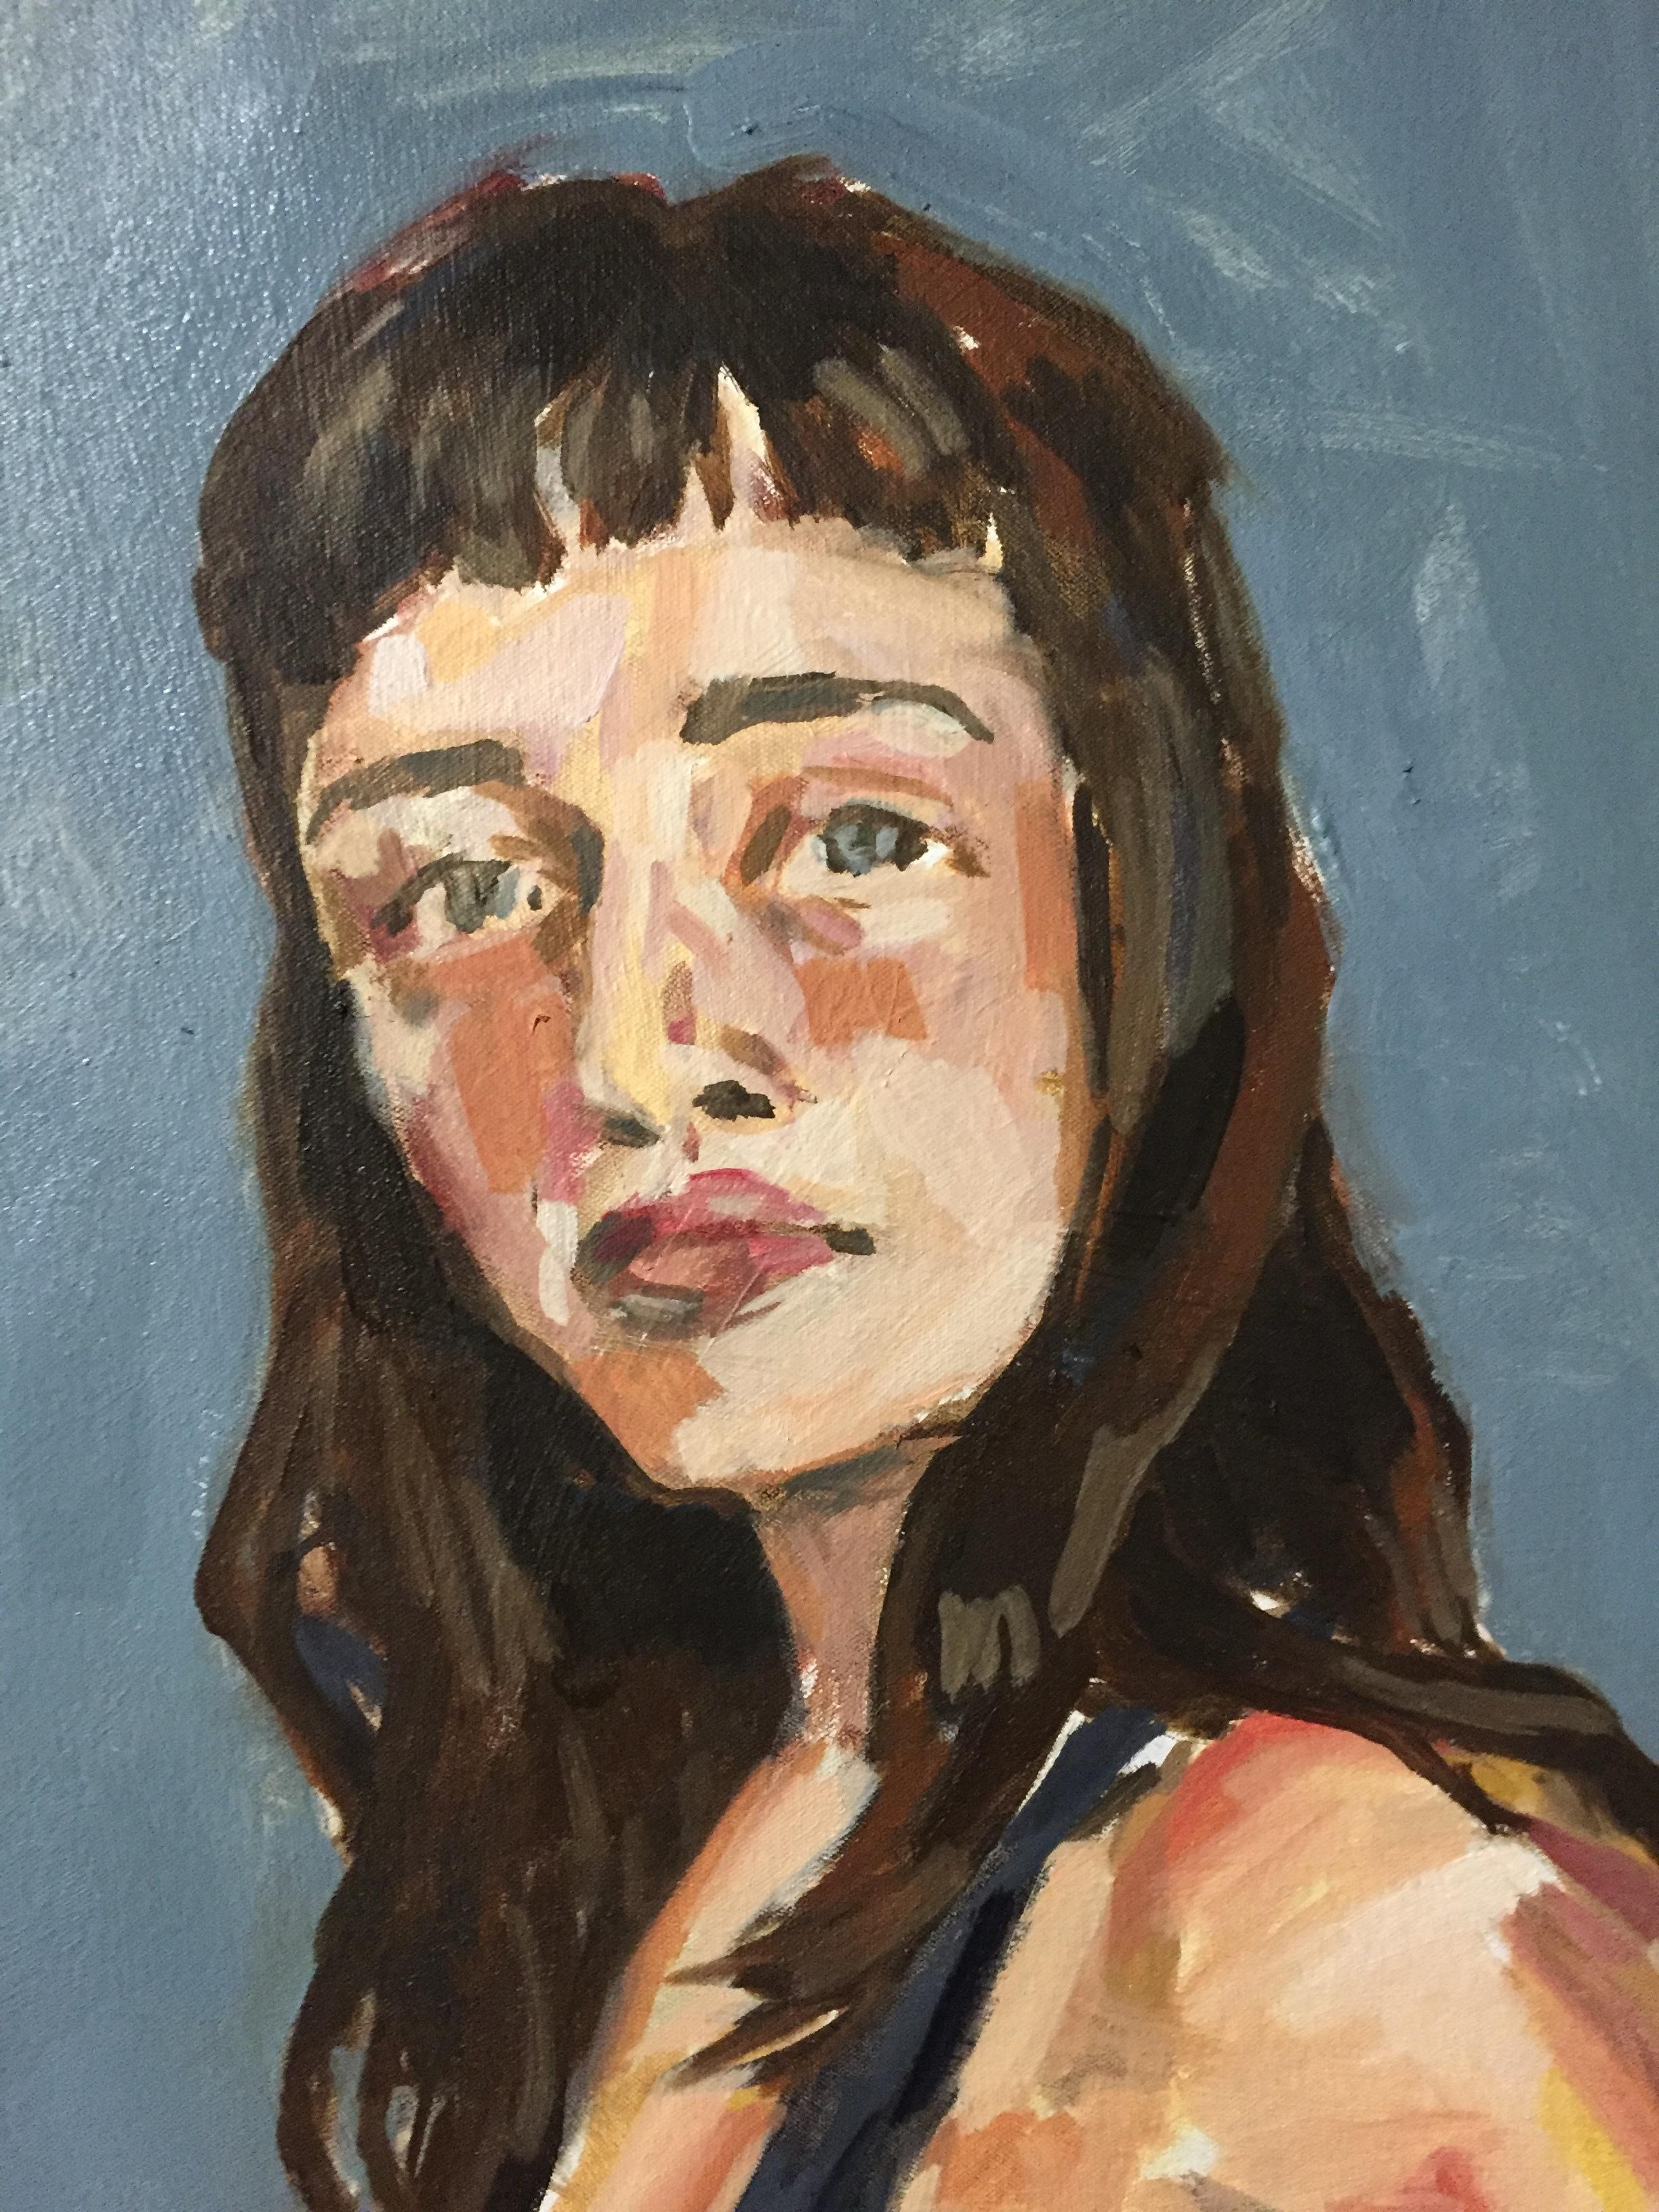 Megan with Mug - Detail